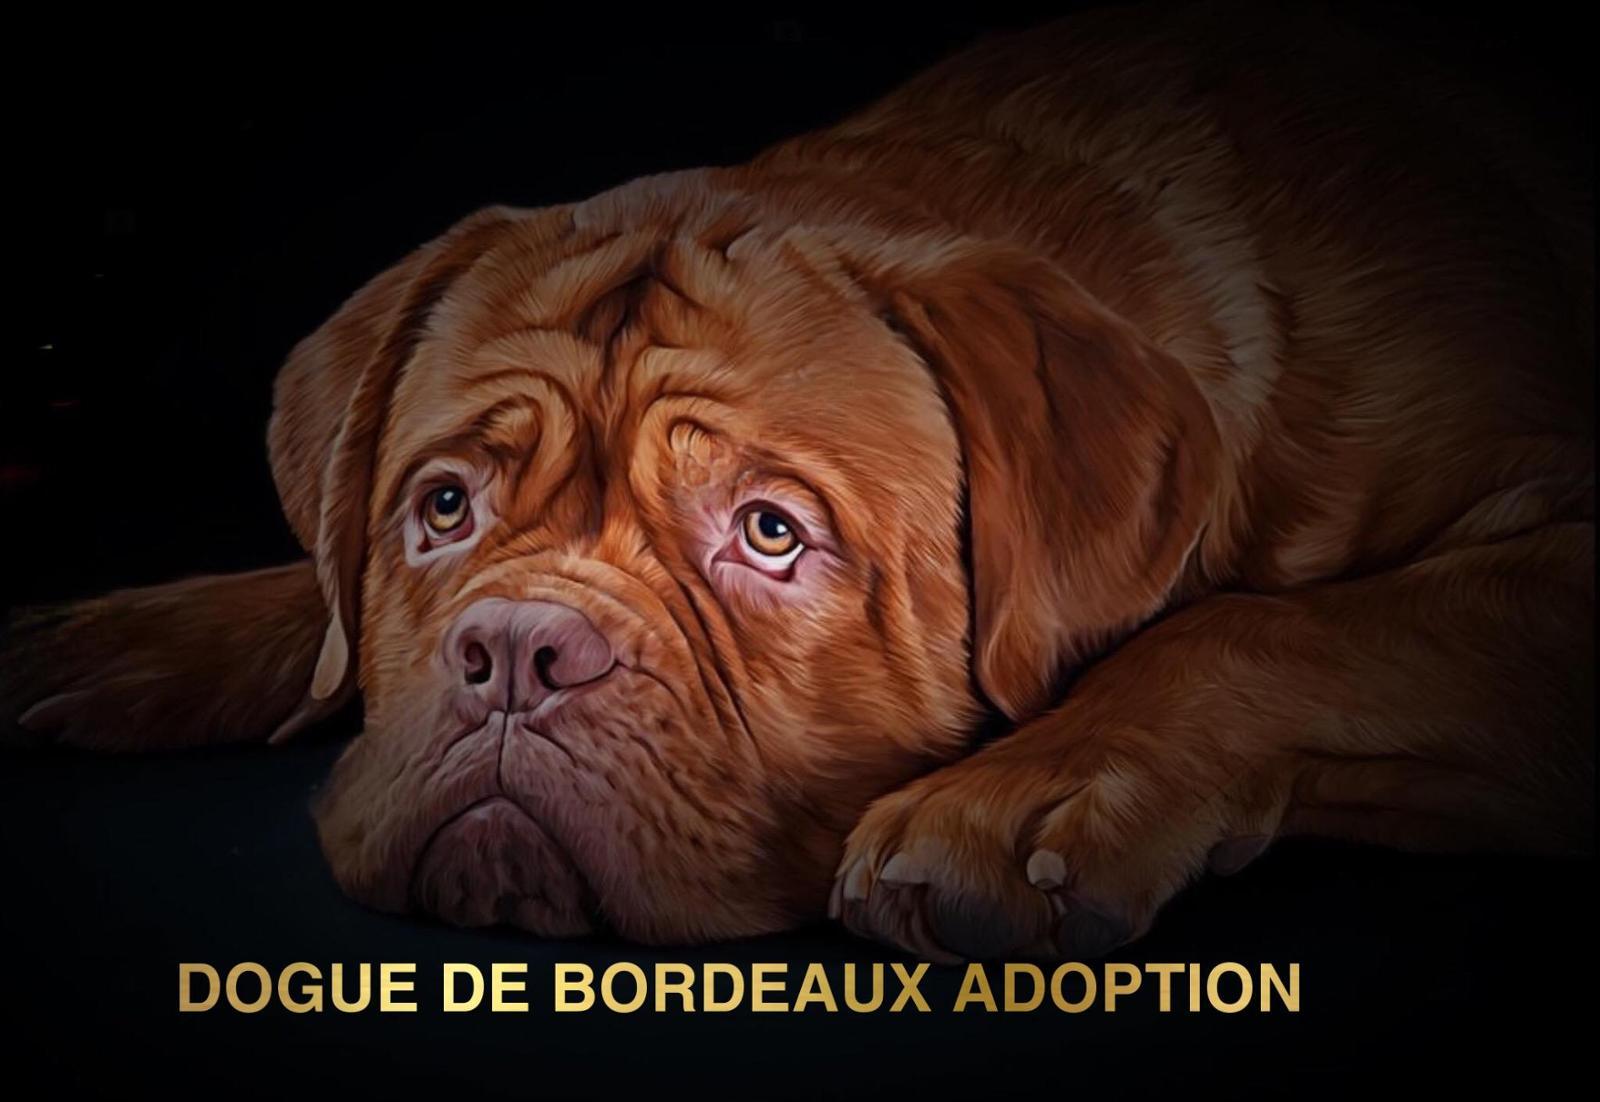 Dogue de bordeaux adoption